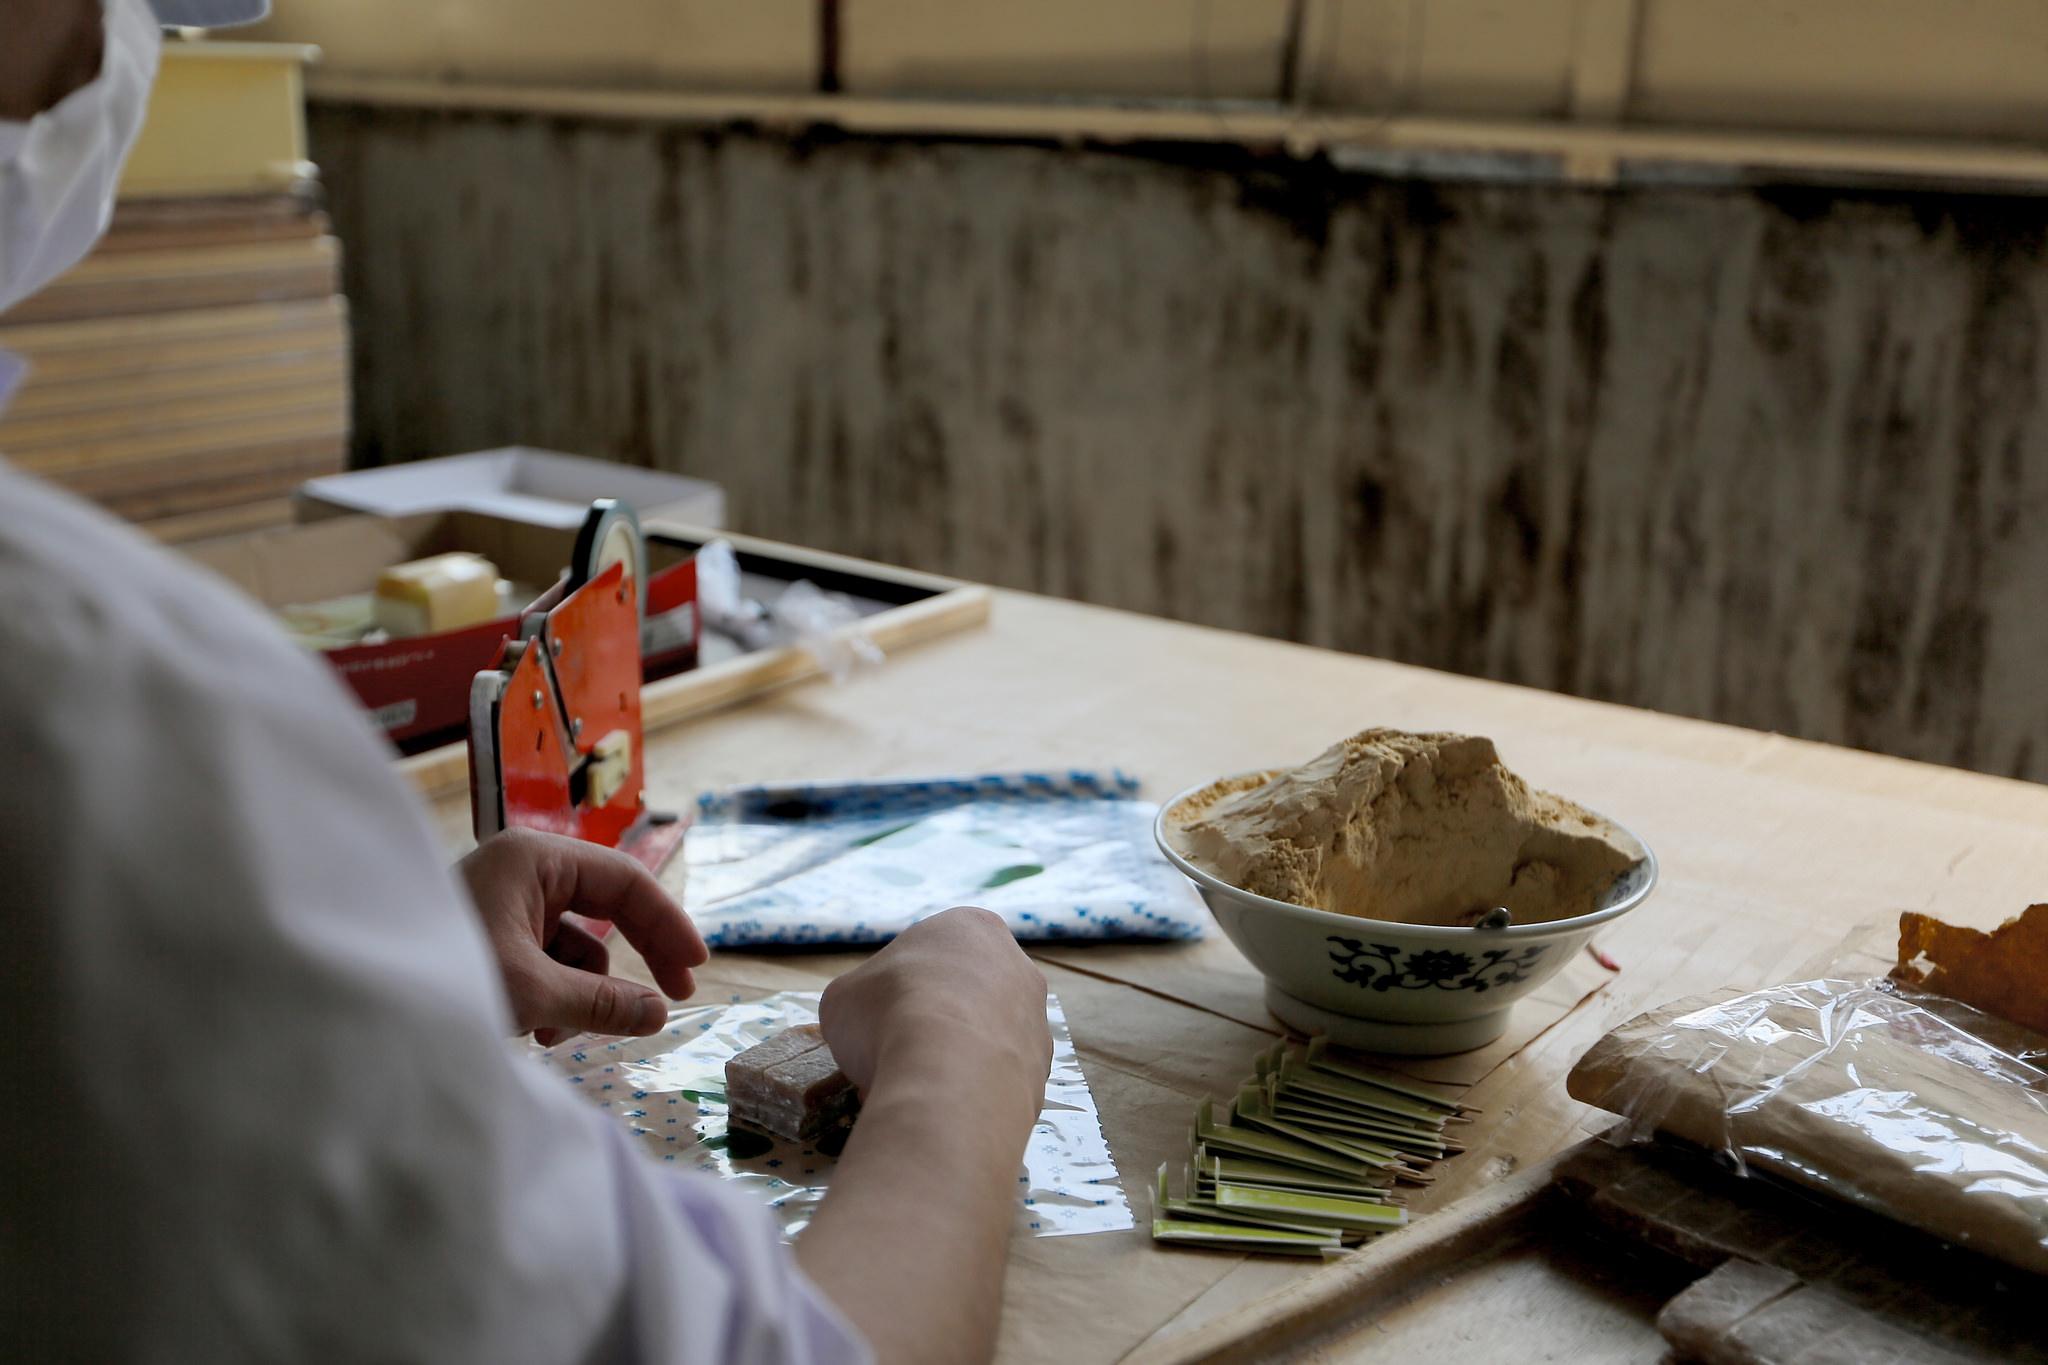 お店の裏では、職人さんがひとつひとつ丁寧にお菓子を手作りしています。